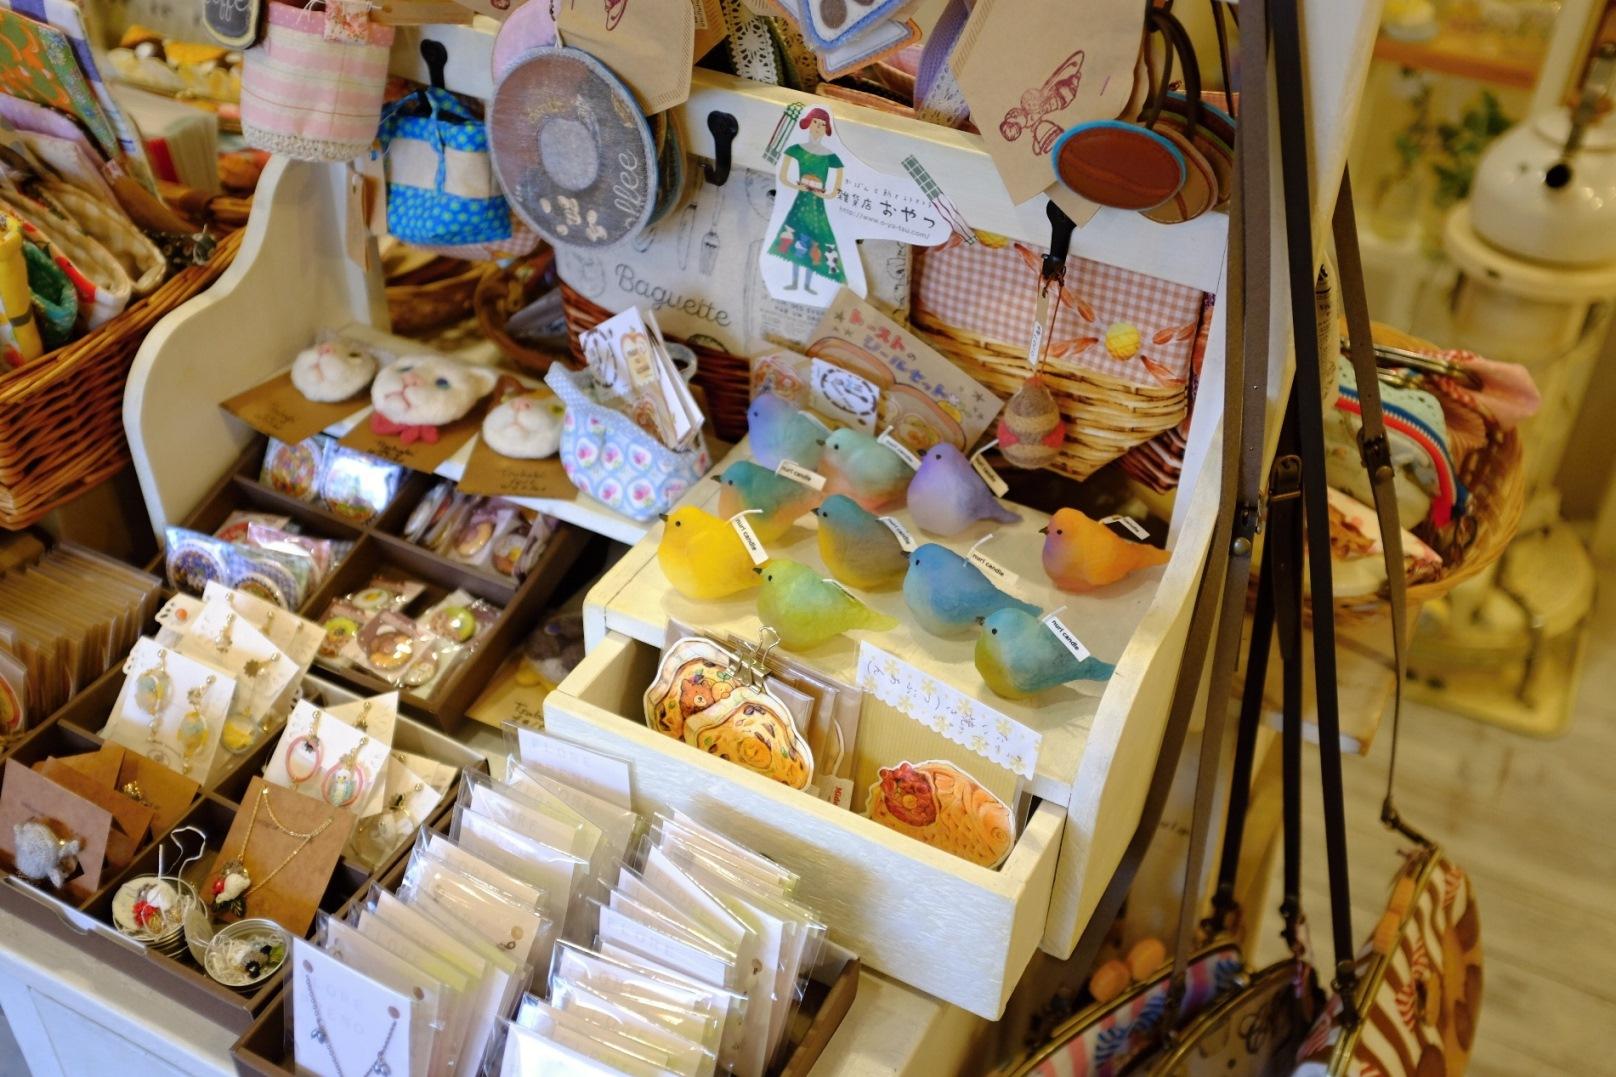 甘味遊行 パトリ cafe/market  / 奈良町_d0233770_23153819.jpg